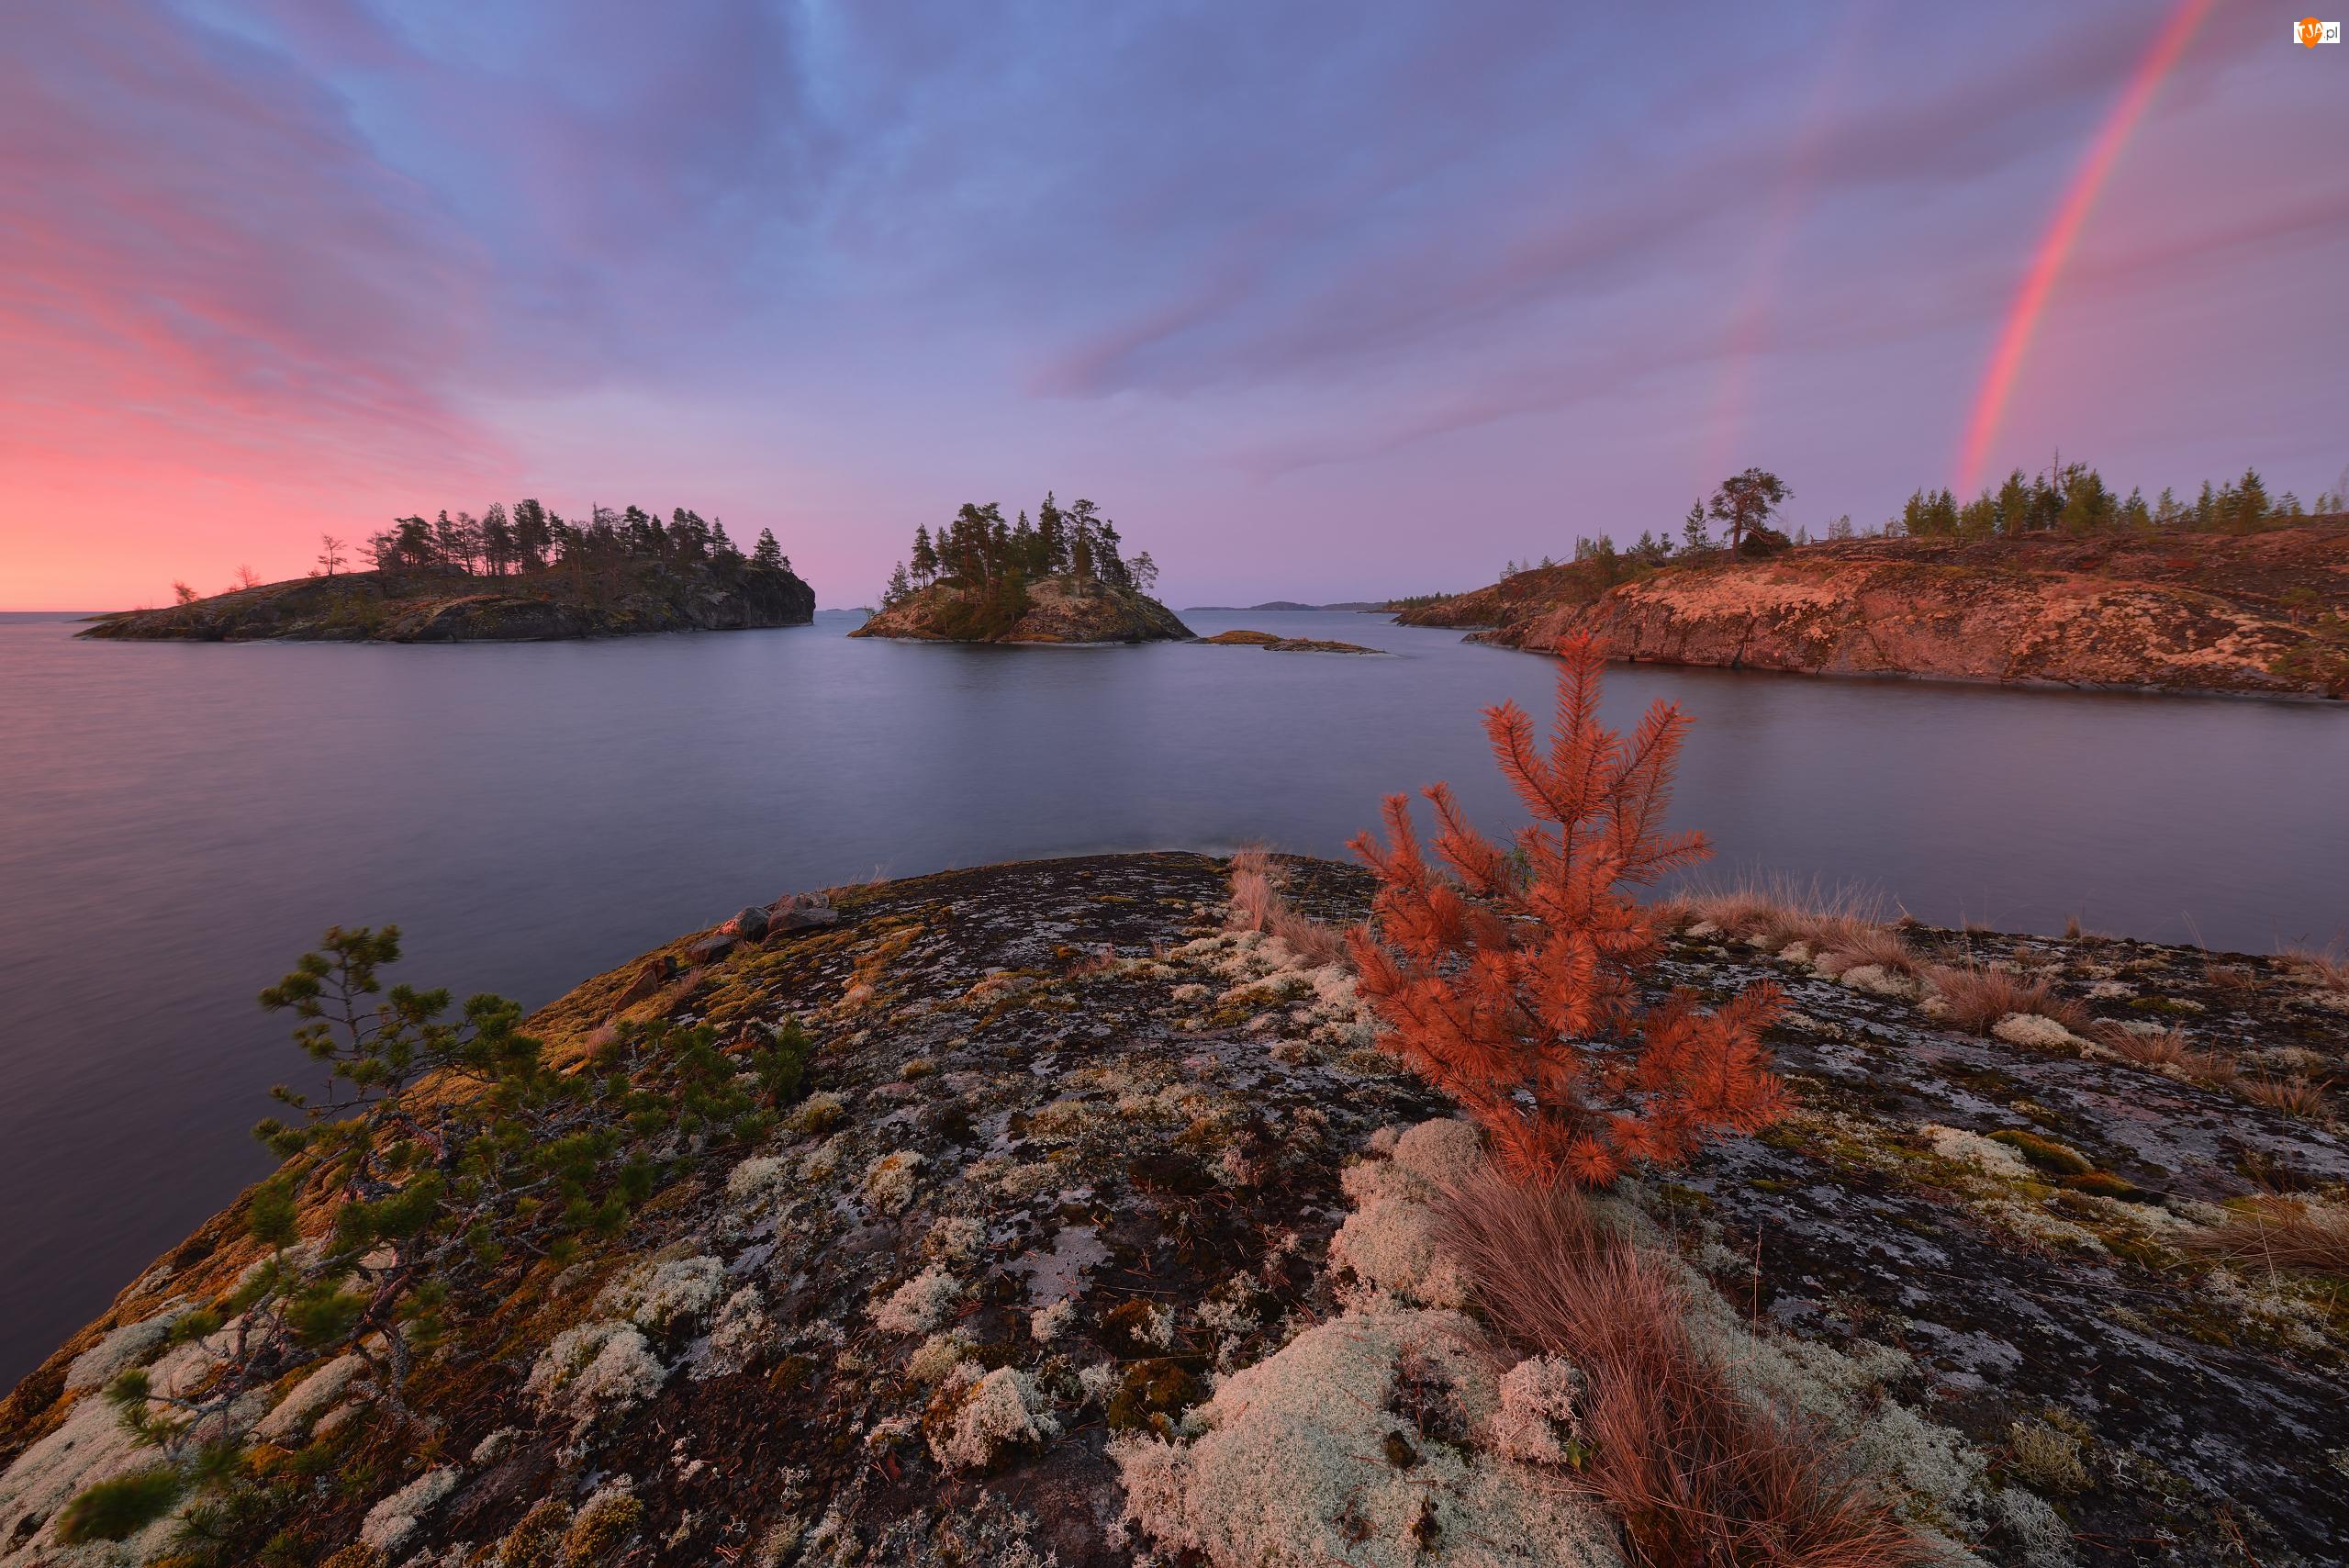 Wschód słońca, Jezioro Ładoga, Rośliny, Karelia, Wysepki, Tęcza, Rosja, Drzewa